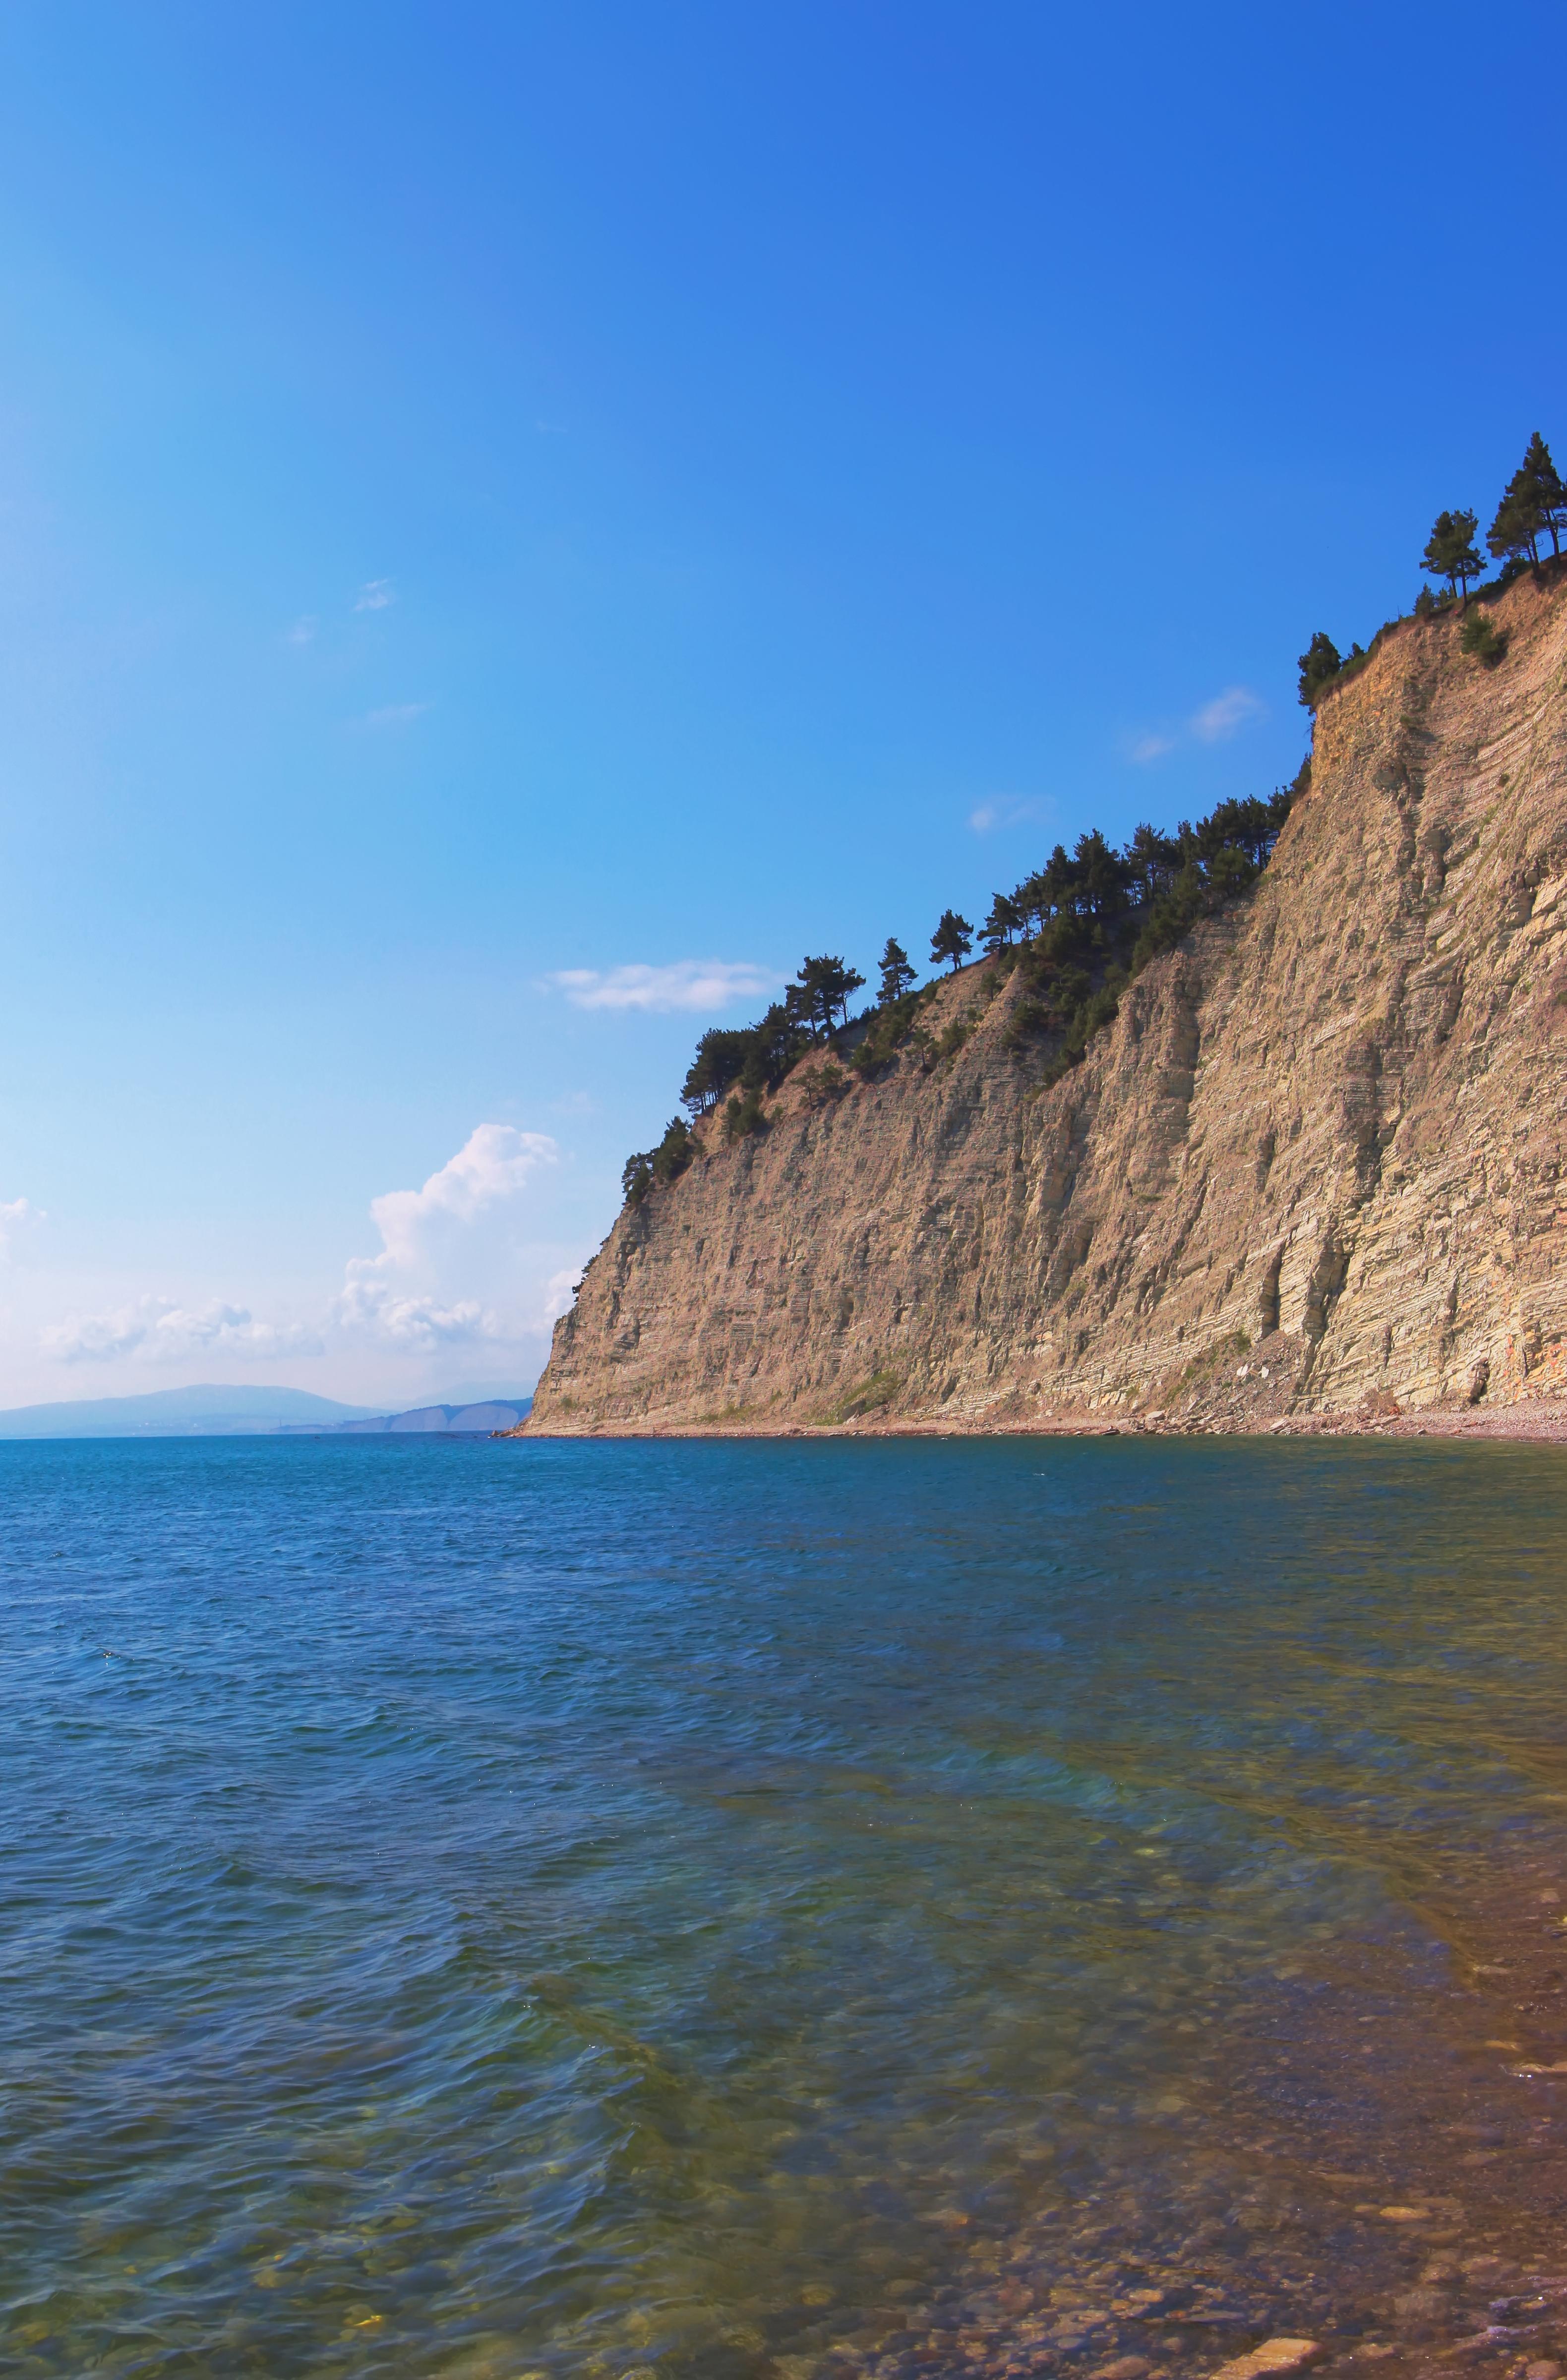 sea, Con2011, Countryside, Landscape, Nature, HQ Photo